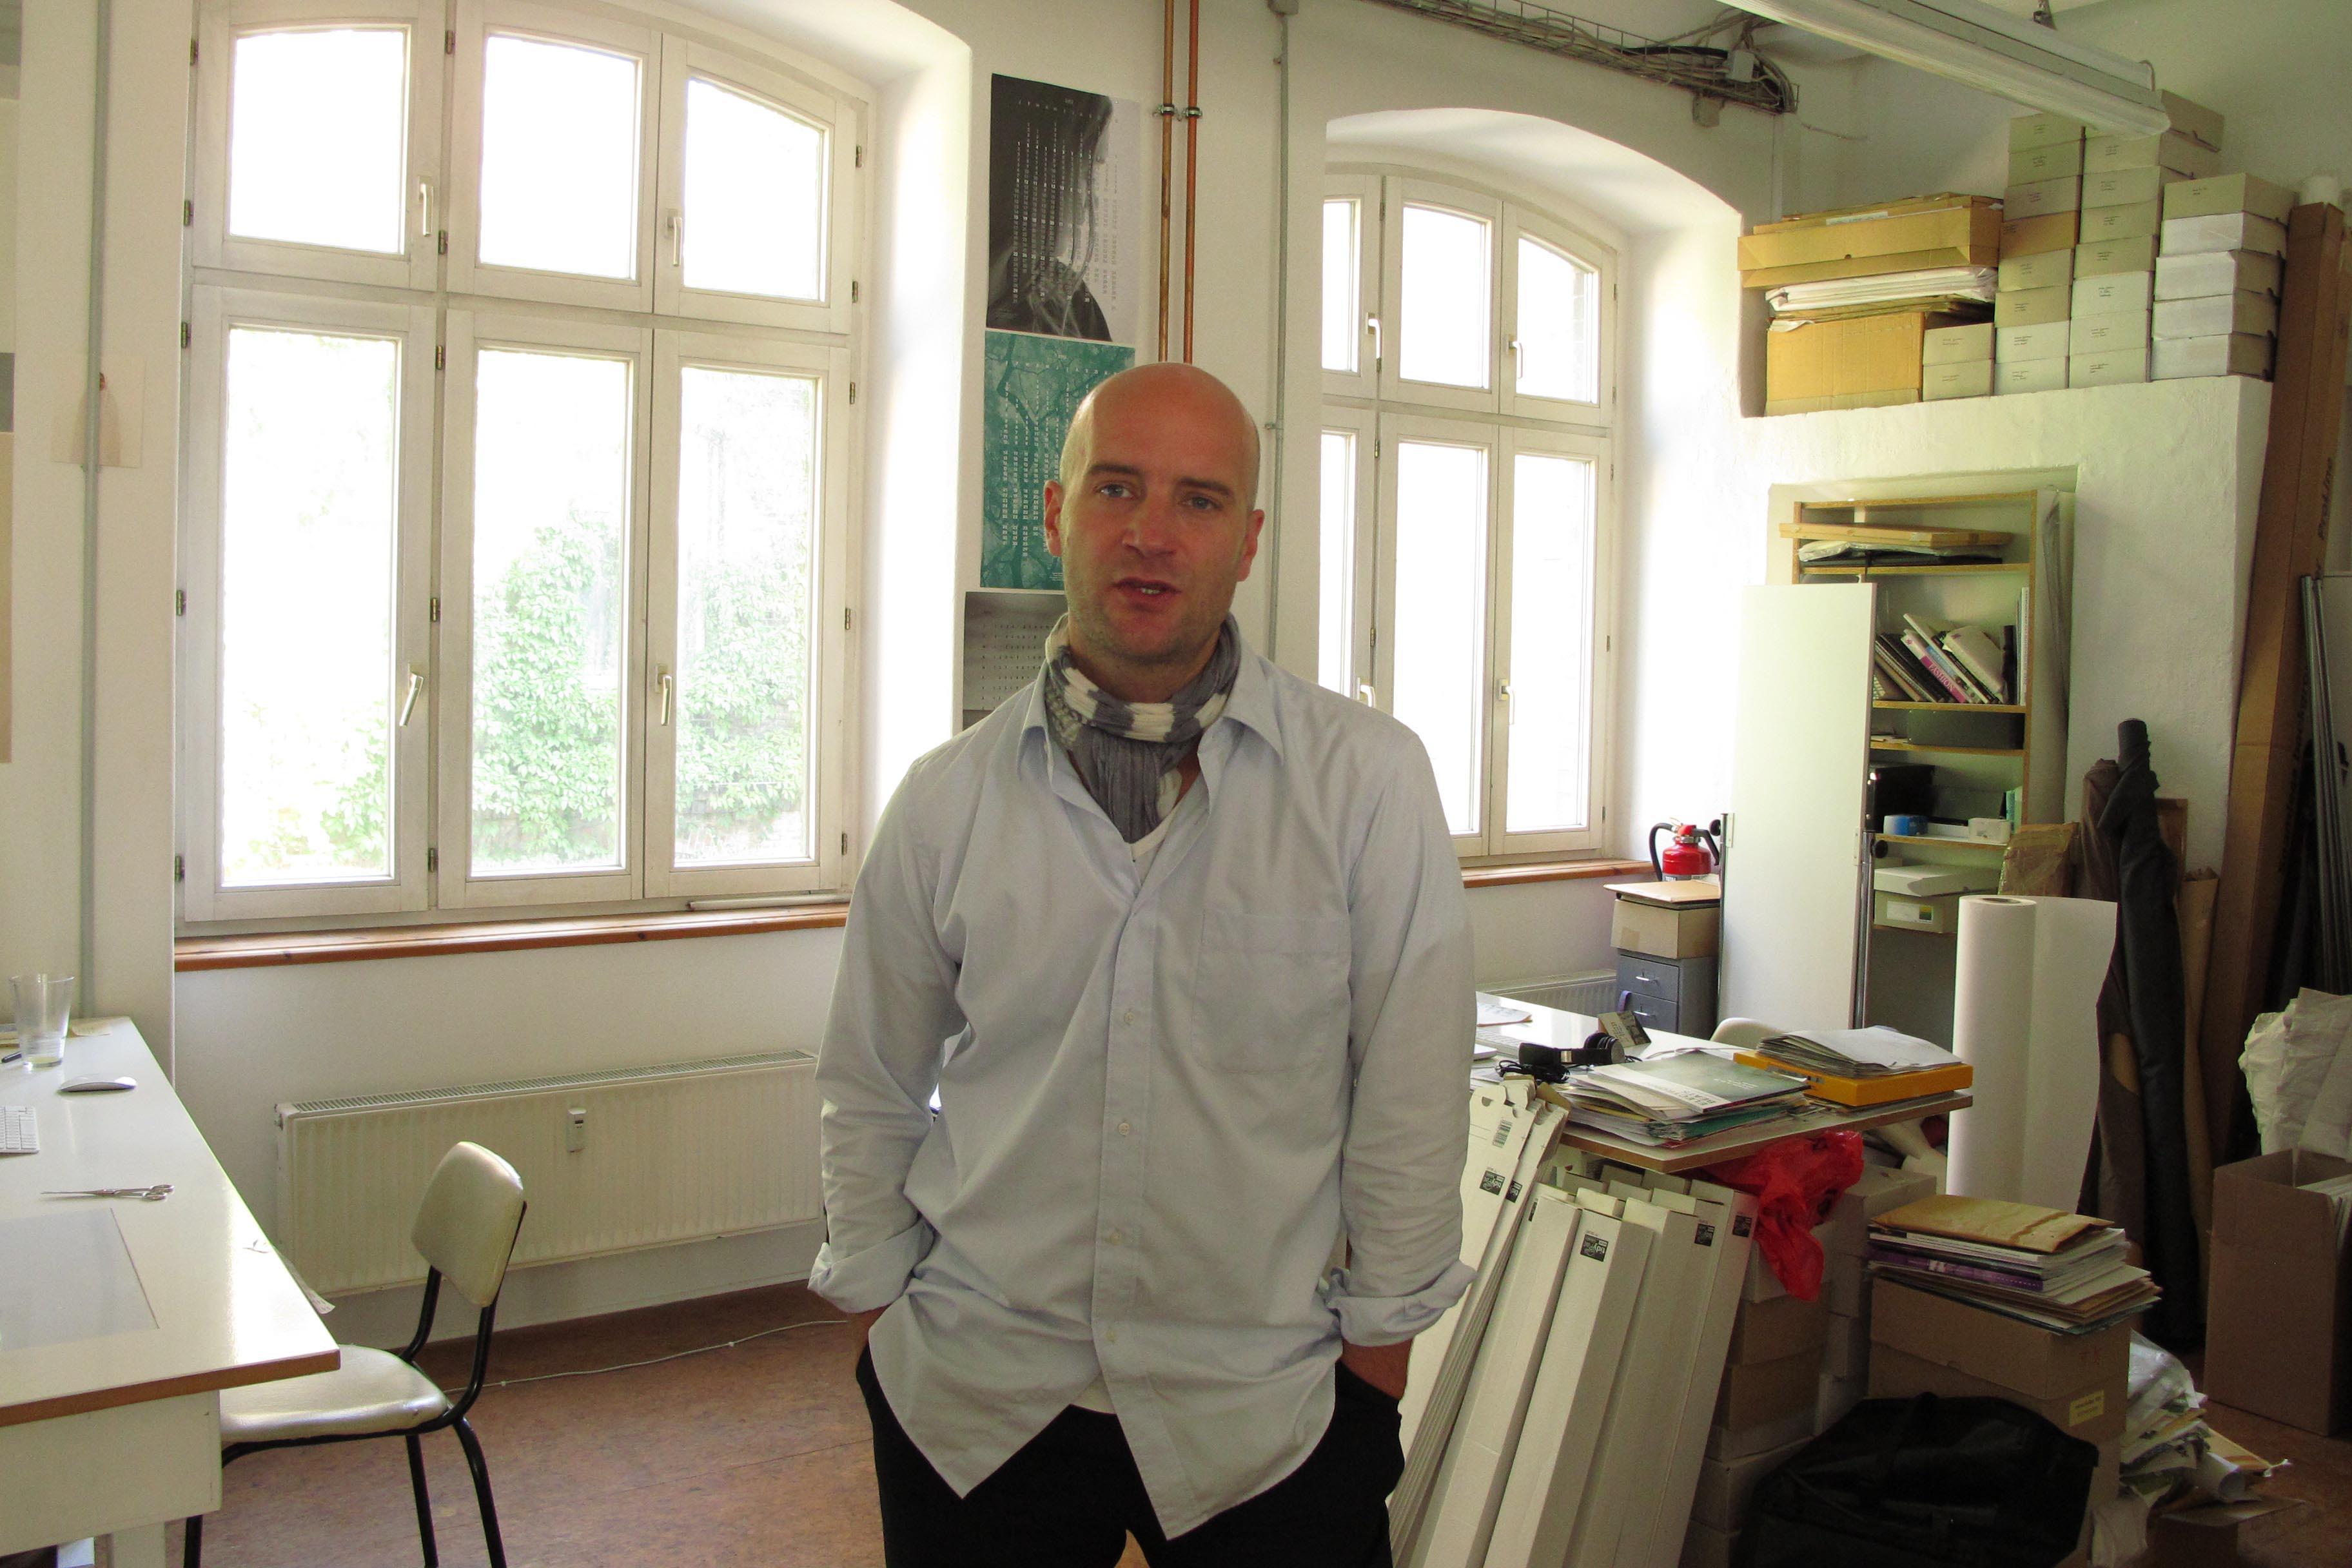 《mono.kultur》創辦人Kai von Rabenau。照片提供: 雜誌現場